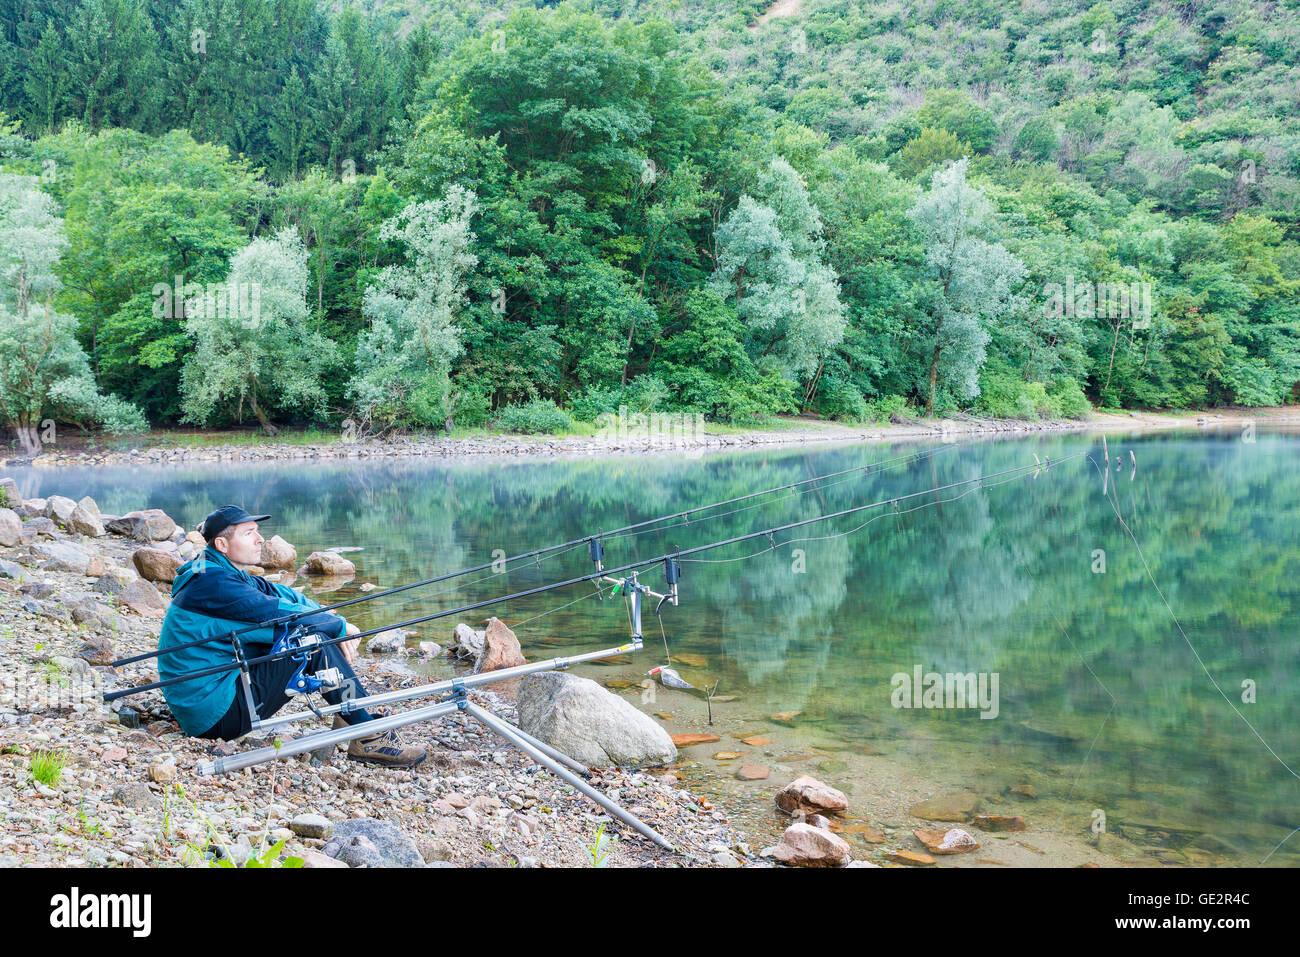 Aventuras de pesca, la pesca de la carpa. El Pescador en las orillas de un lago Imagen De Stock